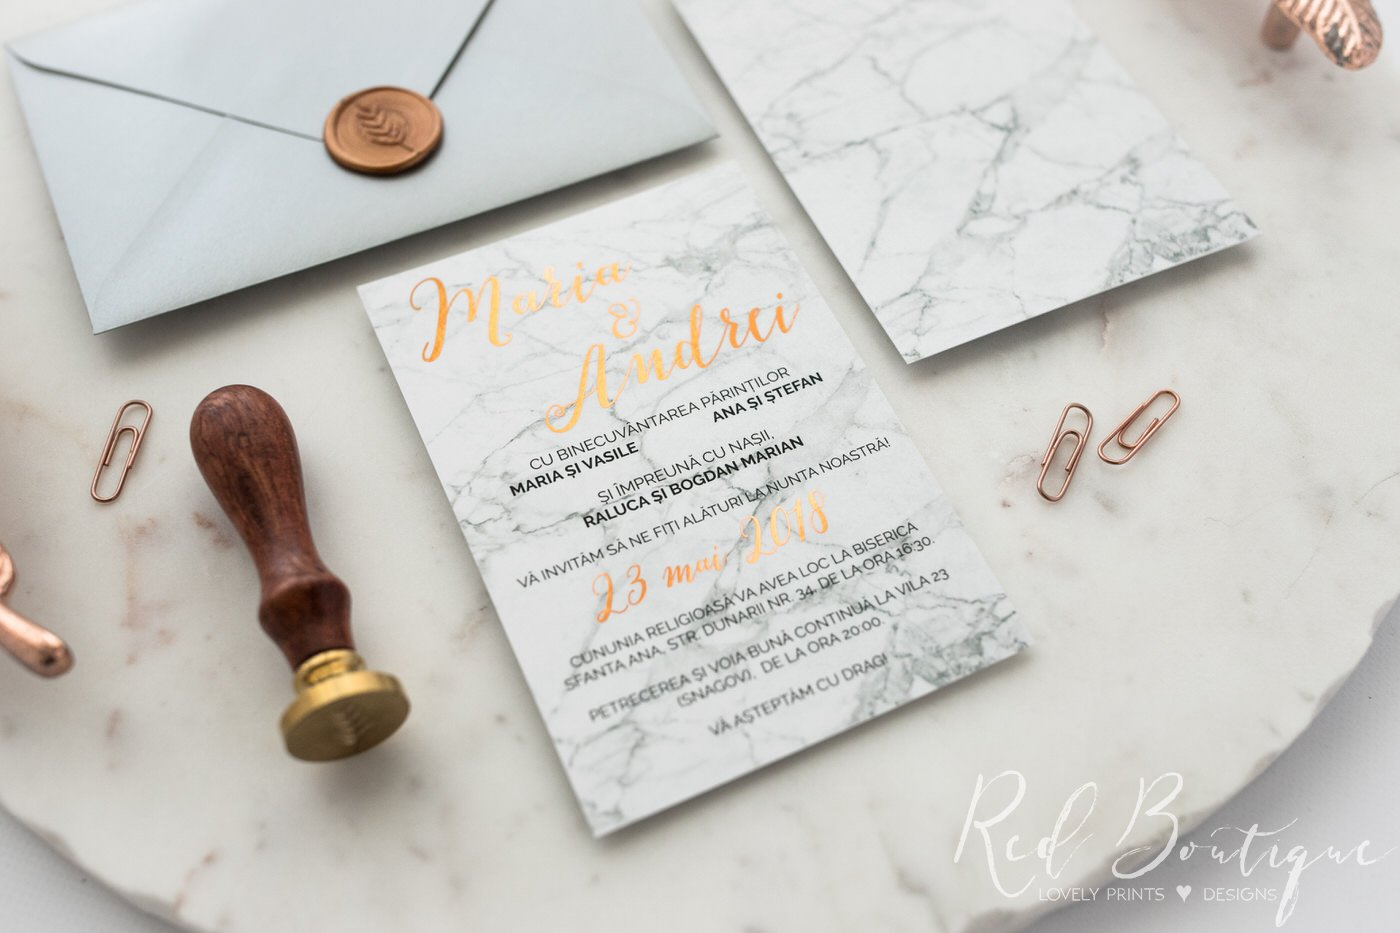 invitatie de nunta eleganta cu marmura alba pe hartie mata cu scris rose gold si sigiliu